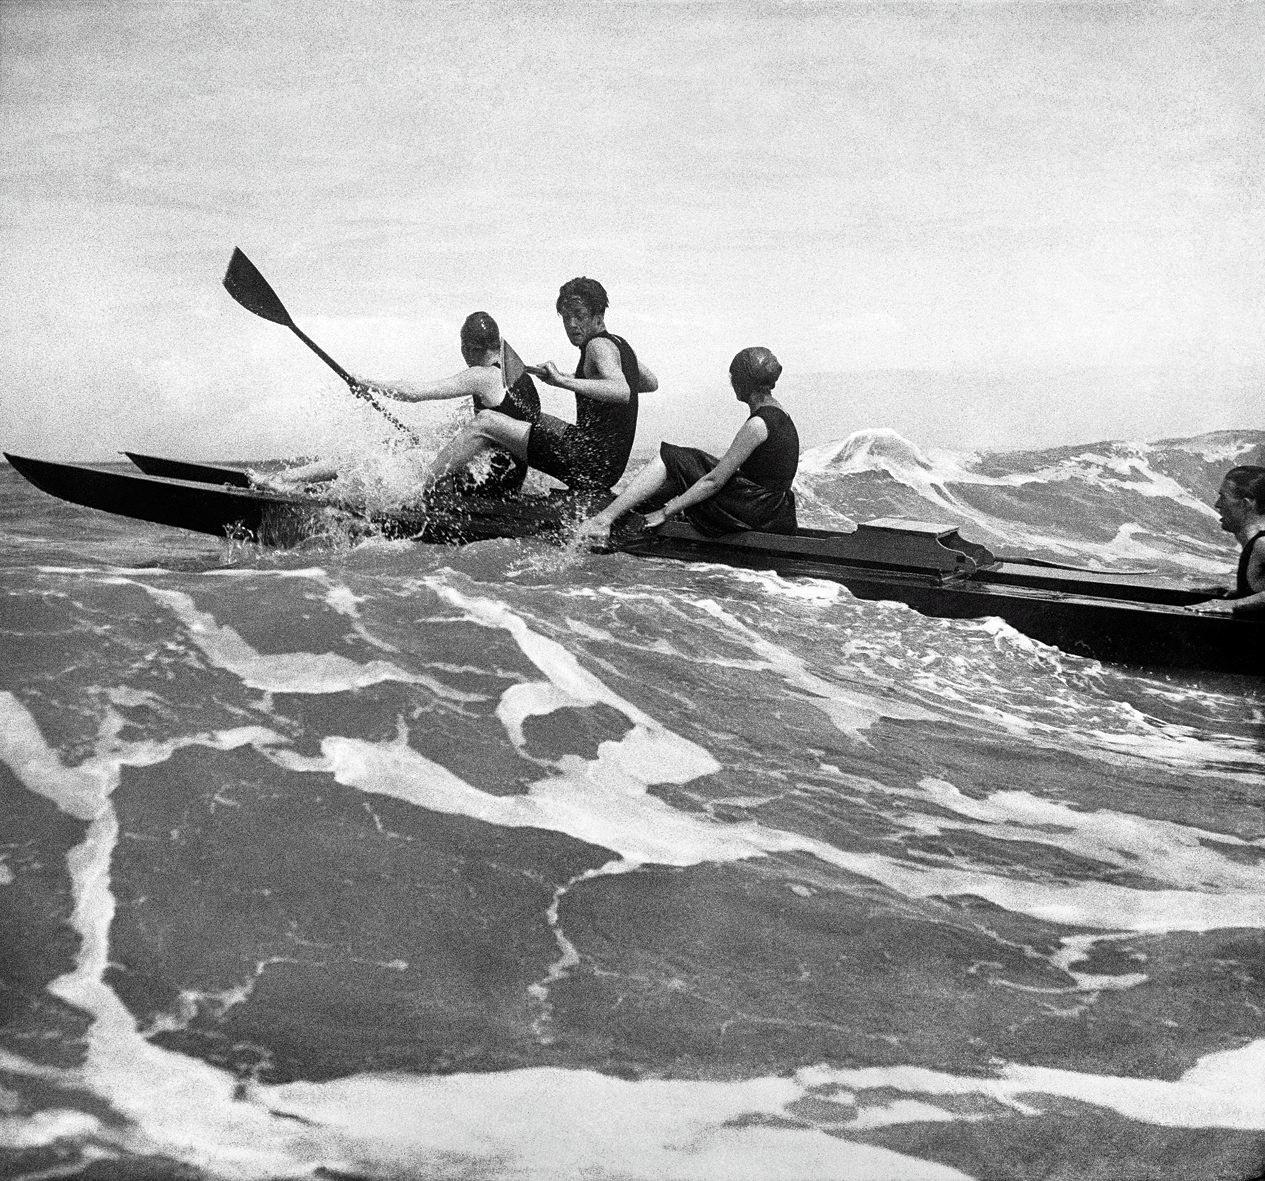 Довиль, 1917. Фотограф Жак Анри Лартиг